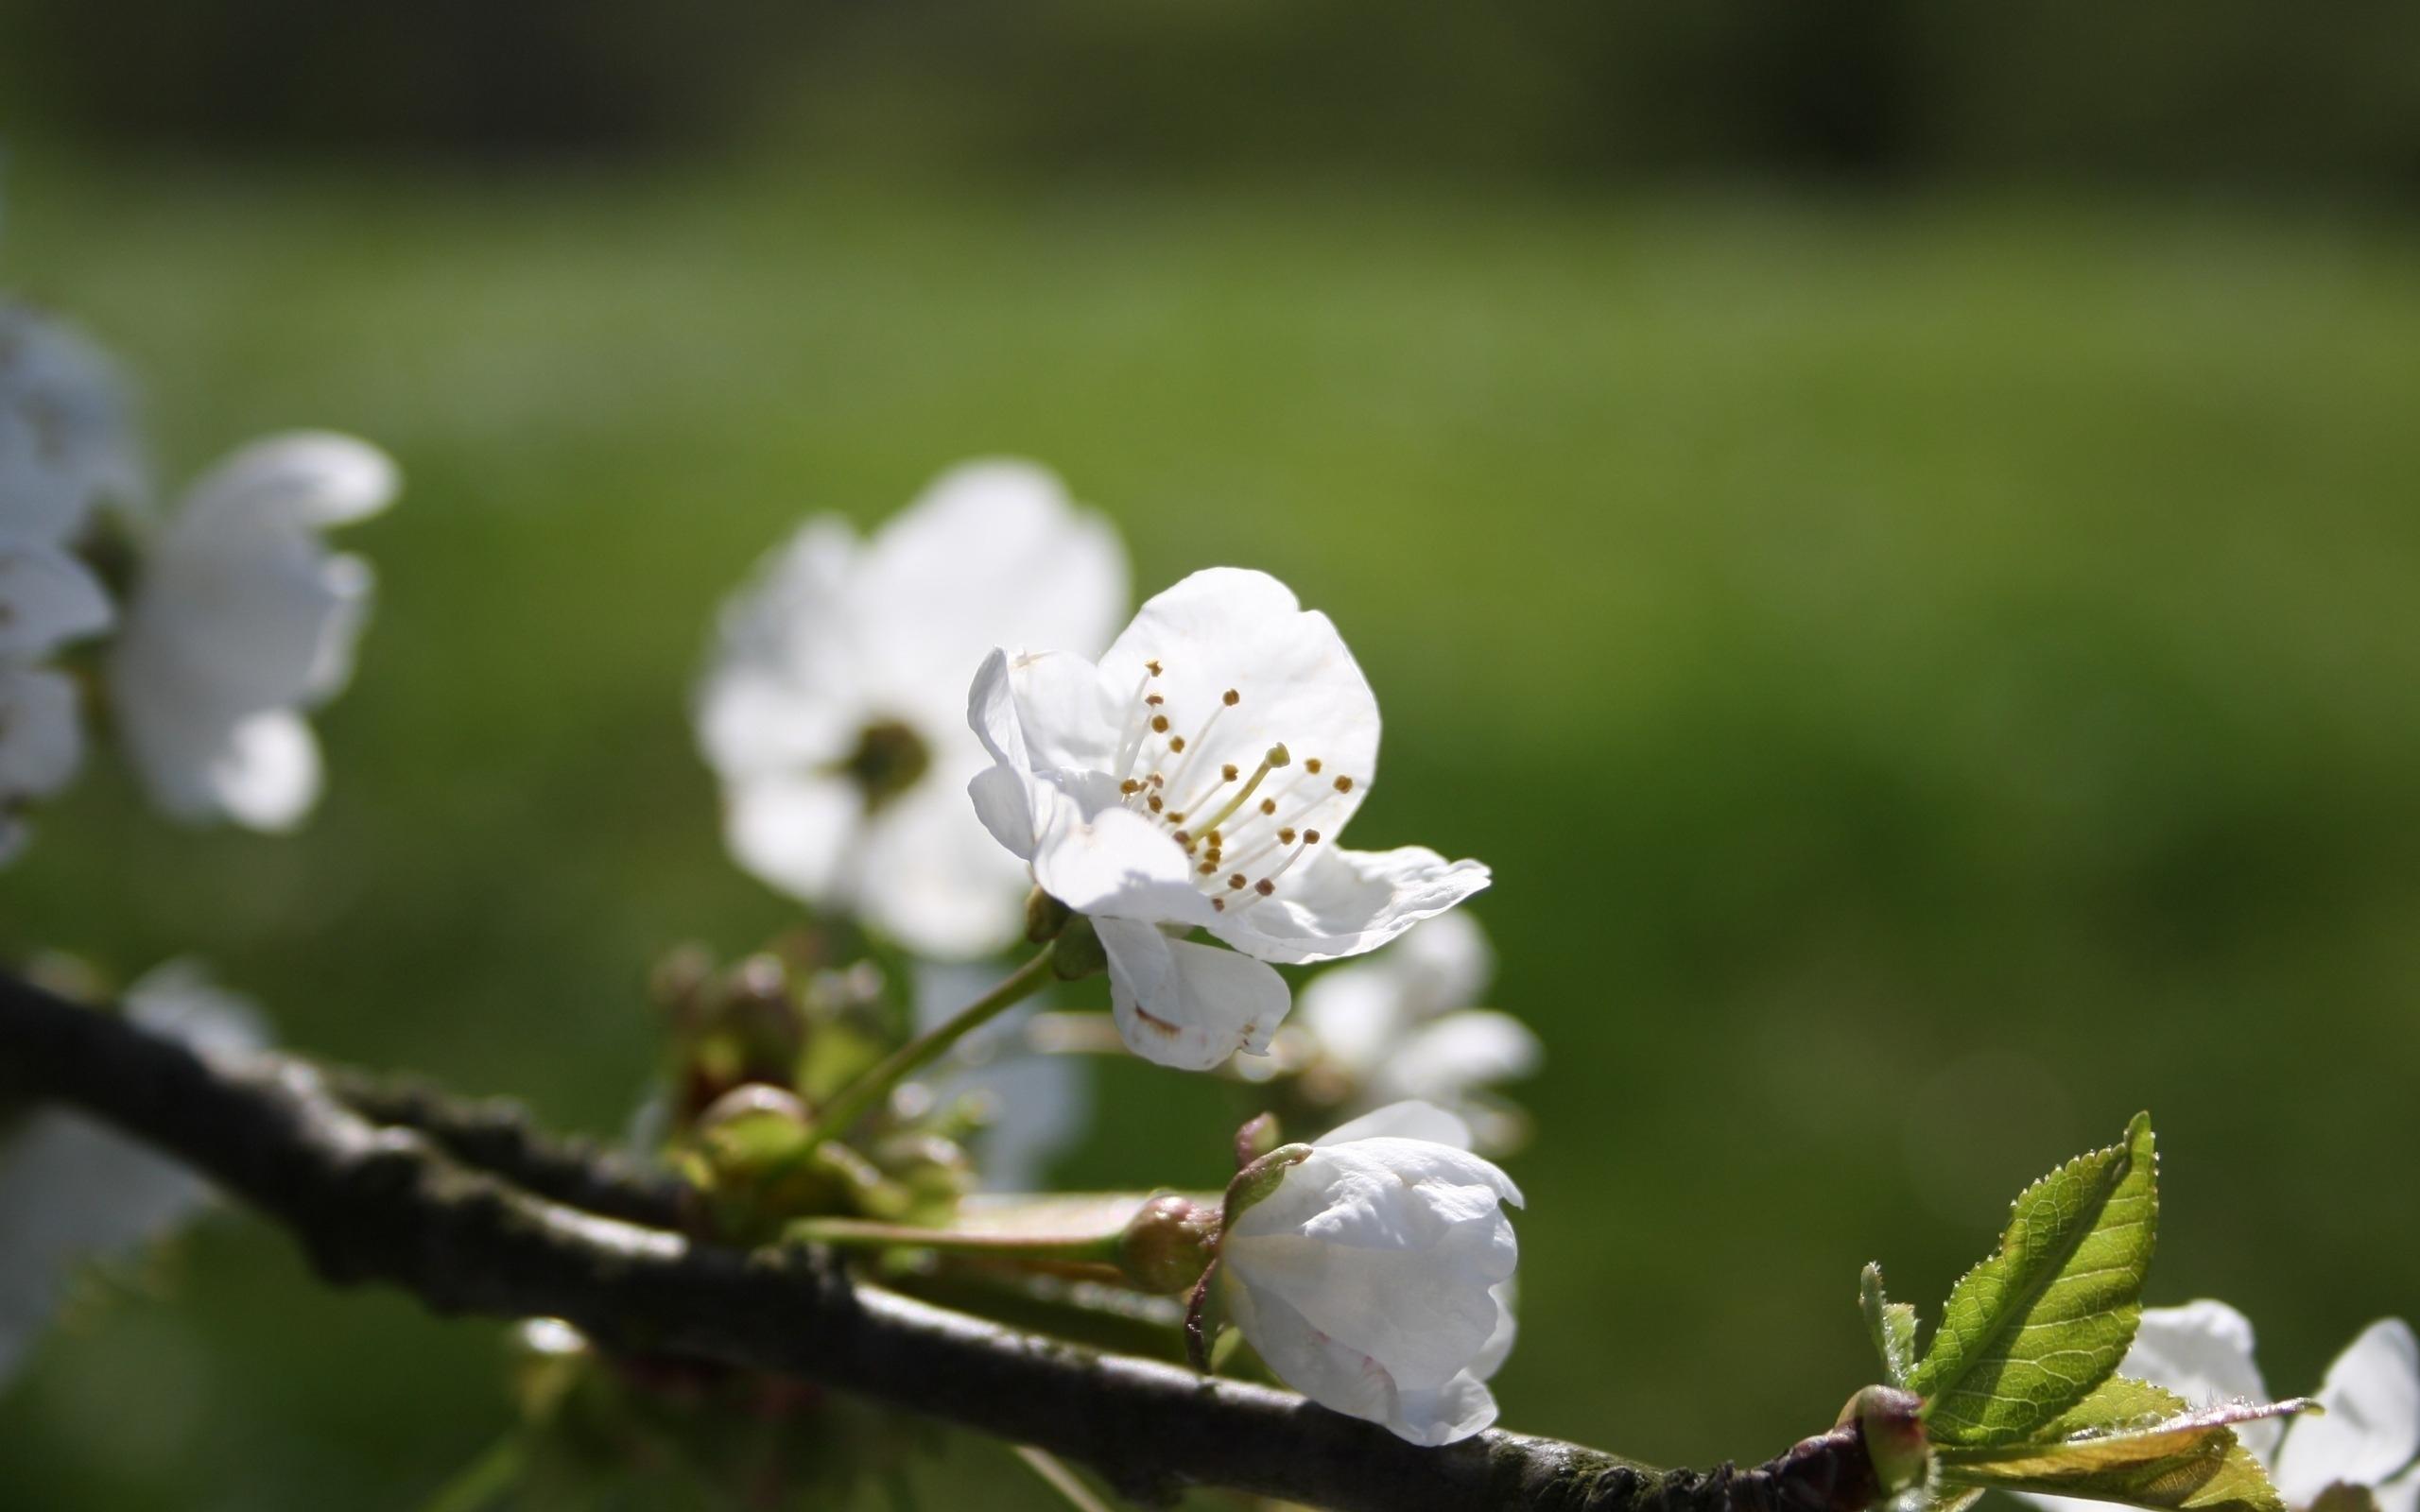 25905 скачать обои Растения, Цветы, Деревья - заставки и картинки бесплатно